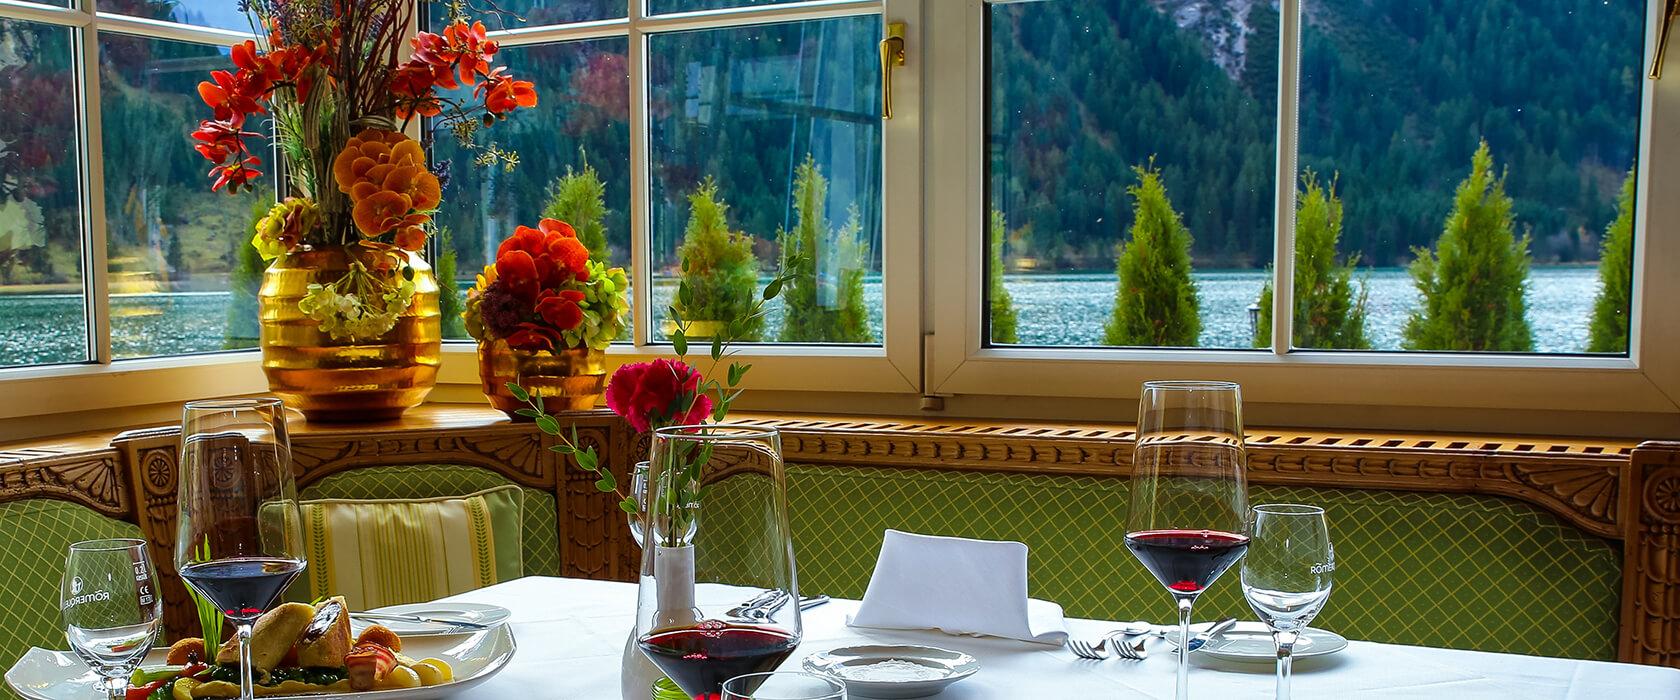 Kulinarische Vielfalt im Hotel Via Salina